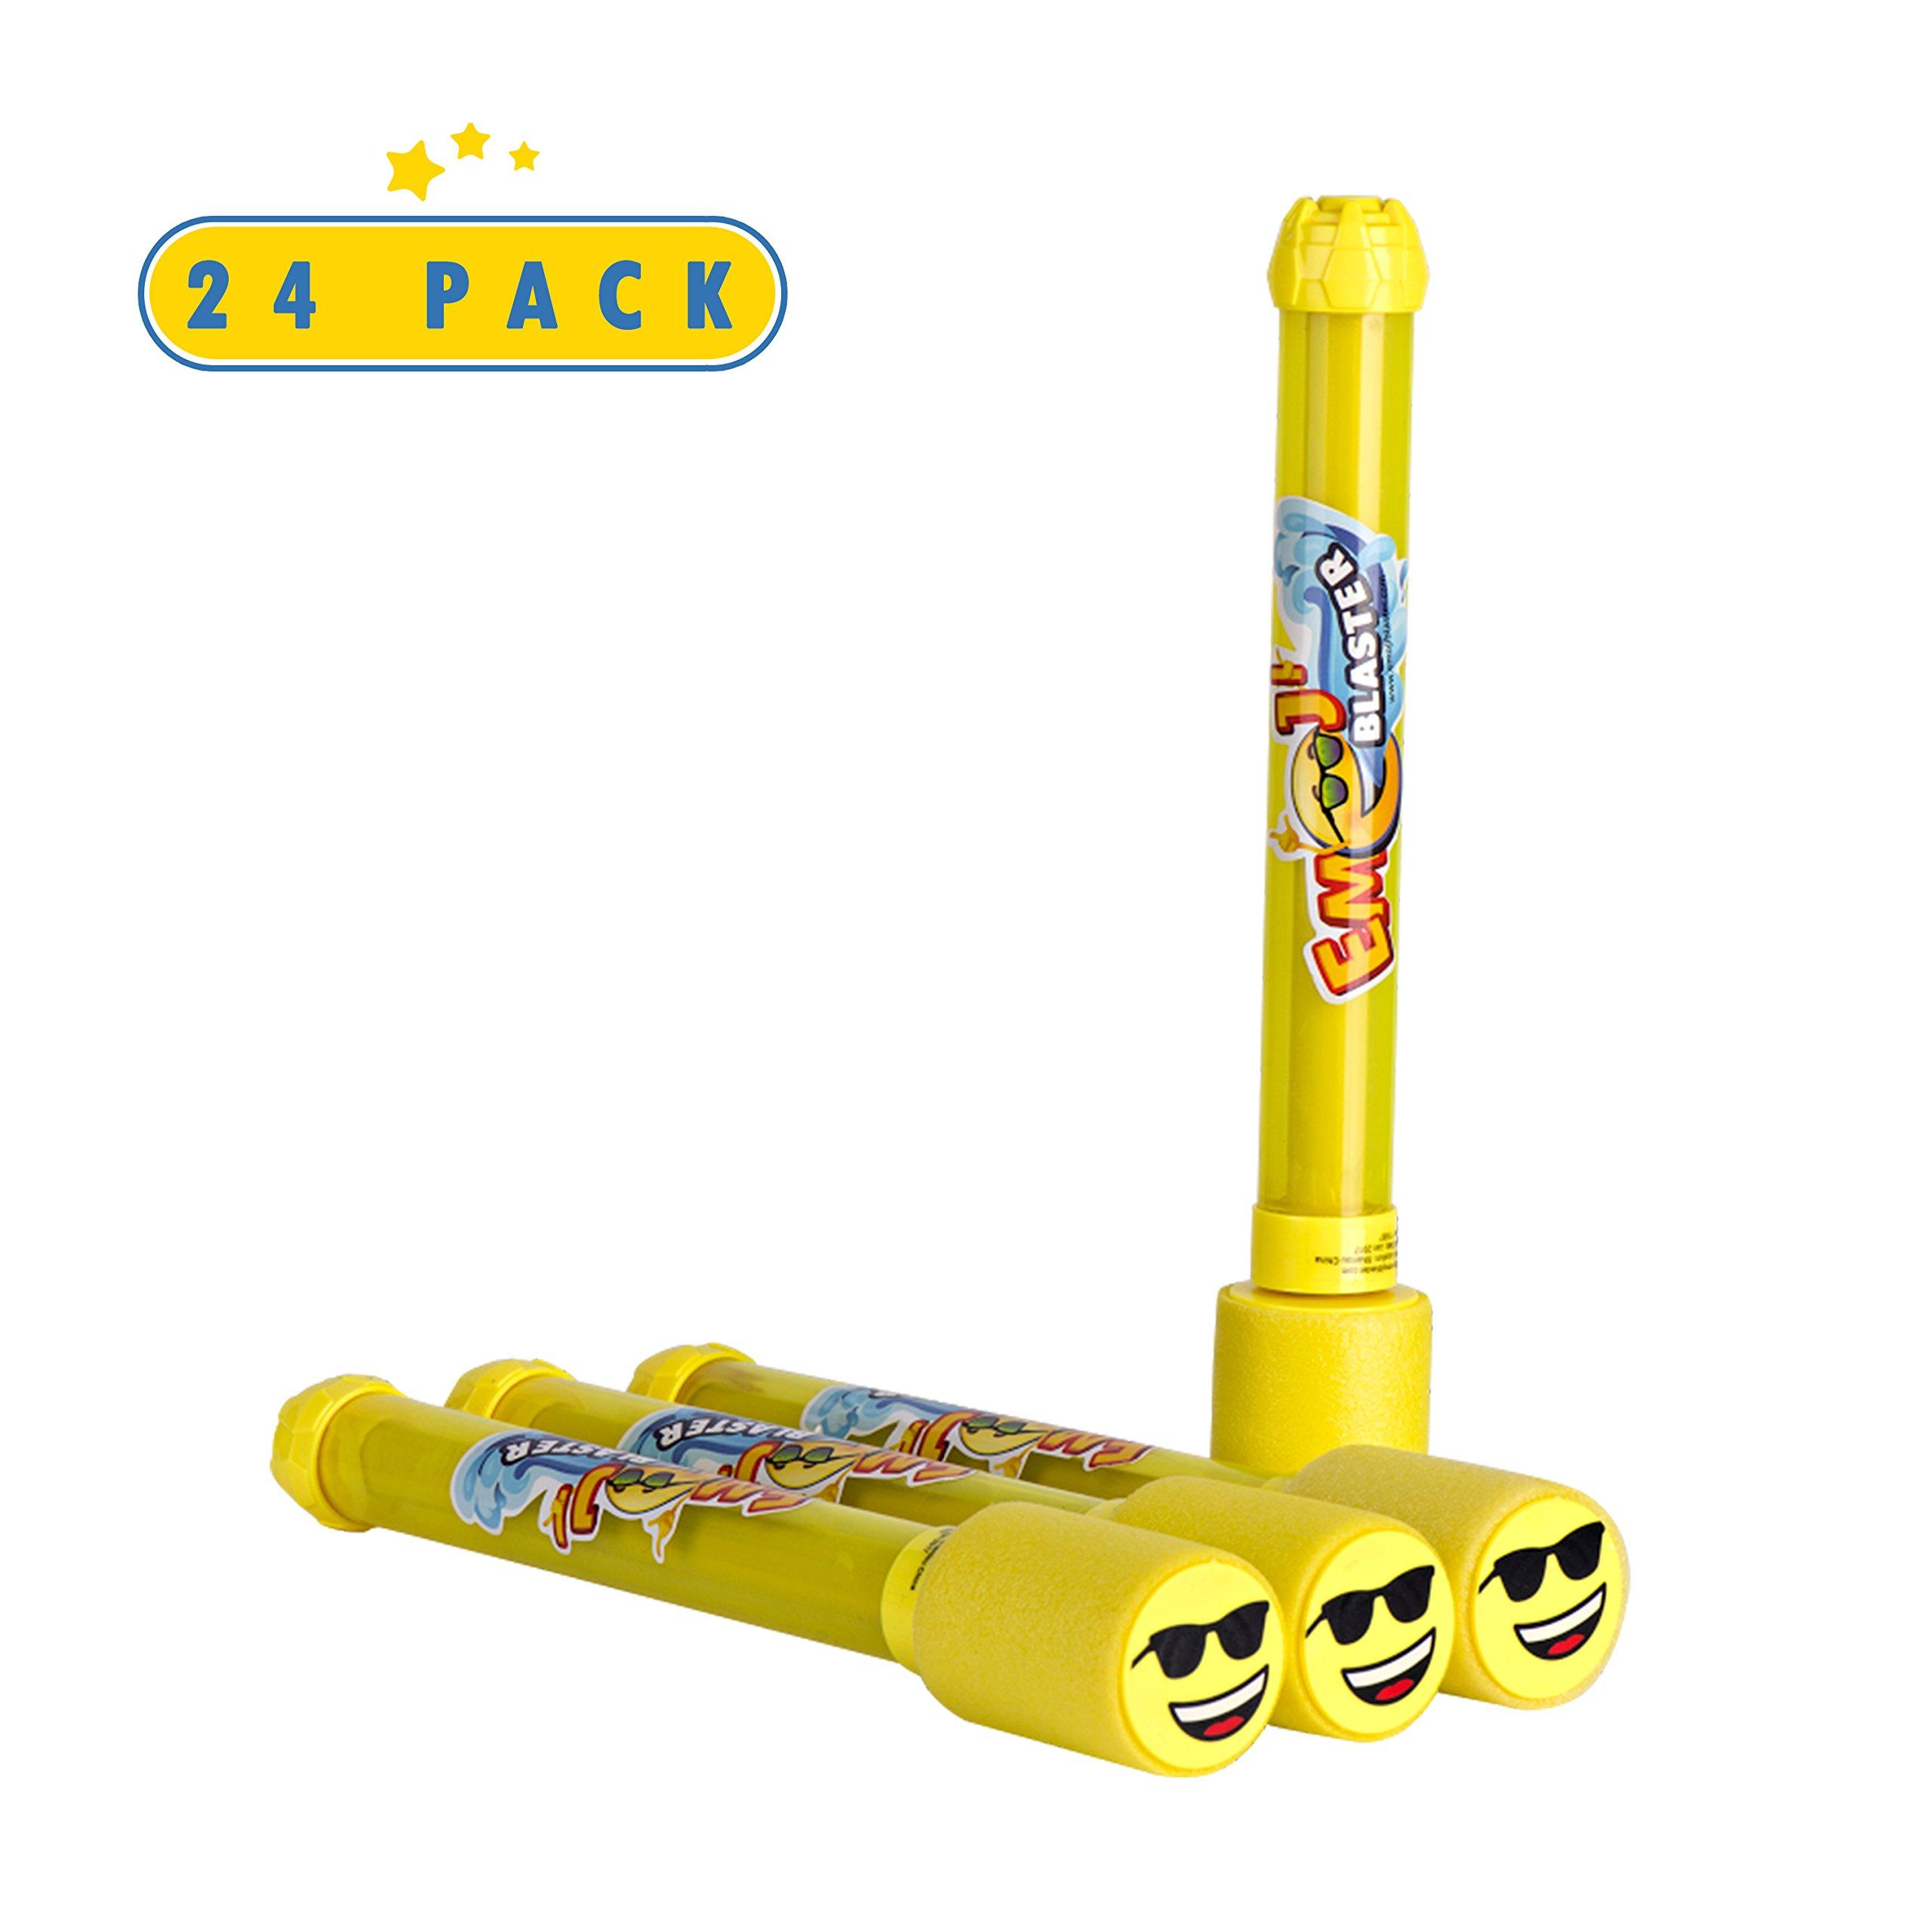 Toyrifik 24 Pack Emoji Blaster Water Guns- Bulk Pack Water Shooters for Summer Party Favor or Activity Fun Gun for Kids- Water Gun Bundle Pack by Toyrifik